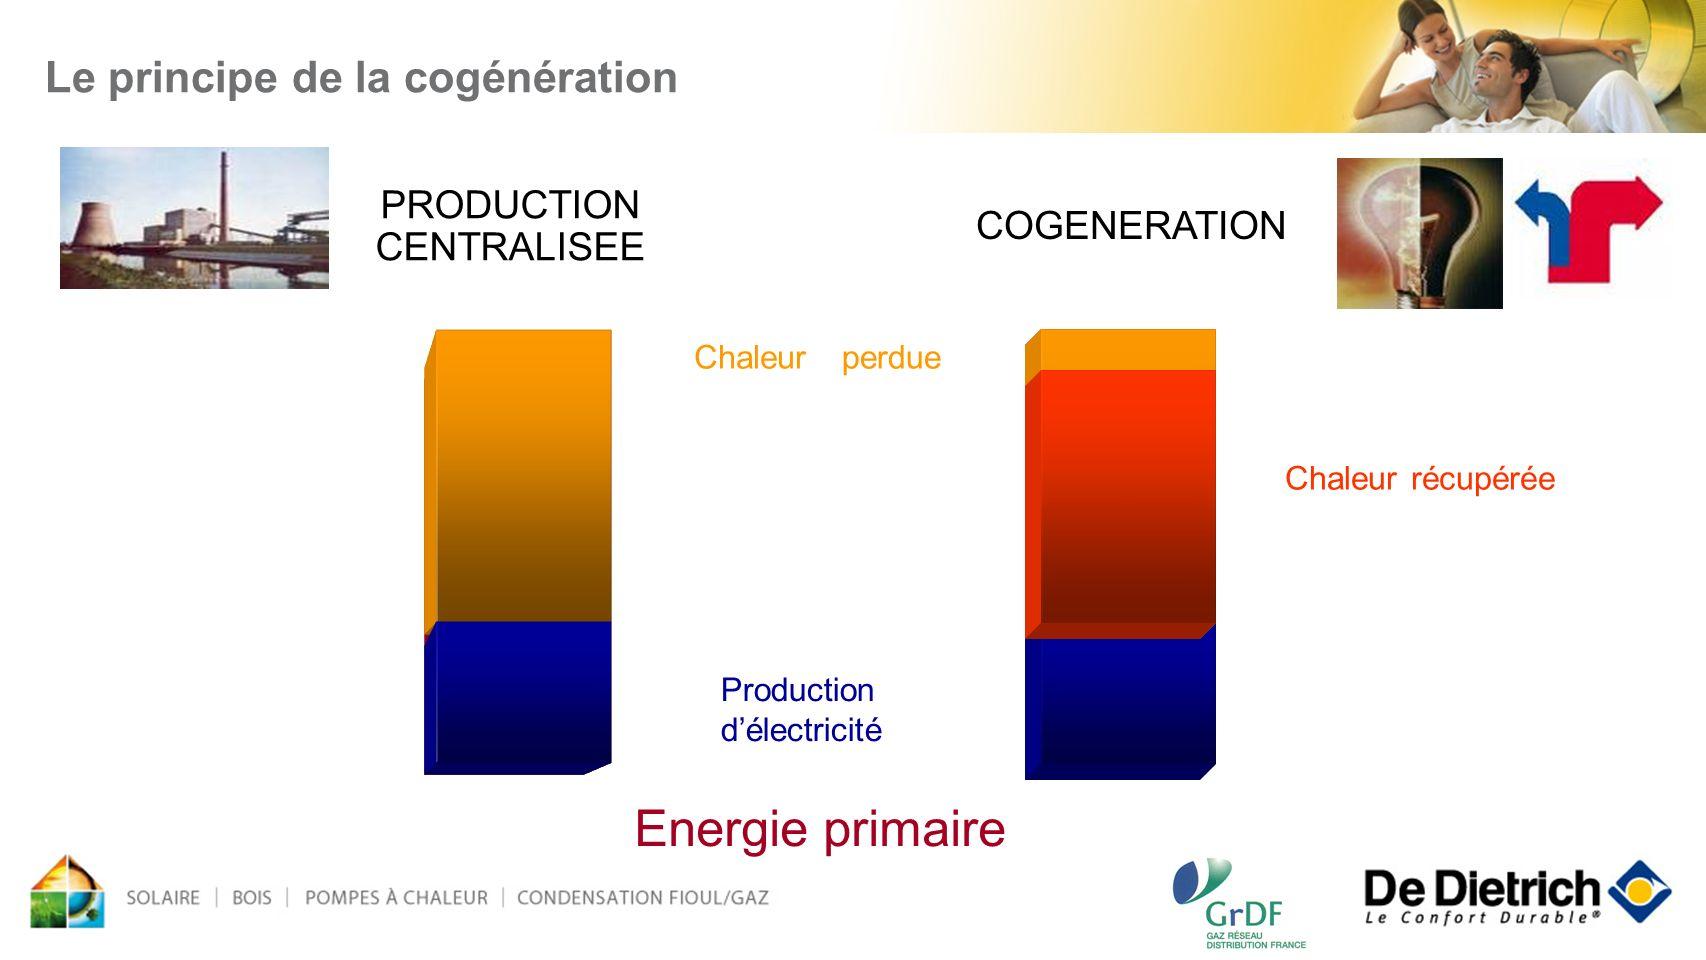 produiteperdue PRODUCTION CENTRALISEE COGENERATION Production délectricité Chaleur Chaleur récupérée Energie primaire Le principe de la cogénération